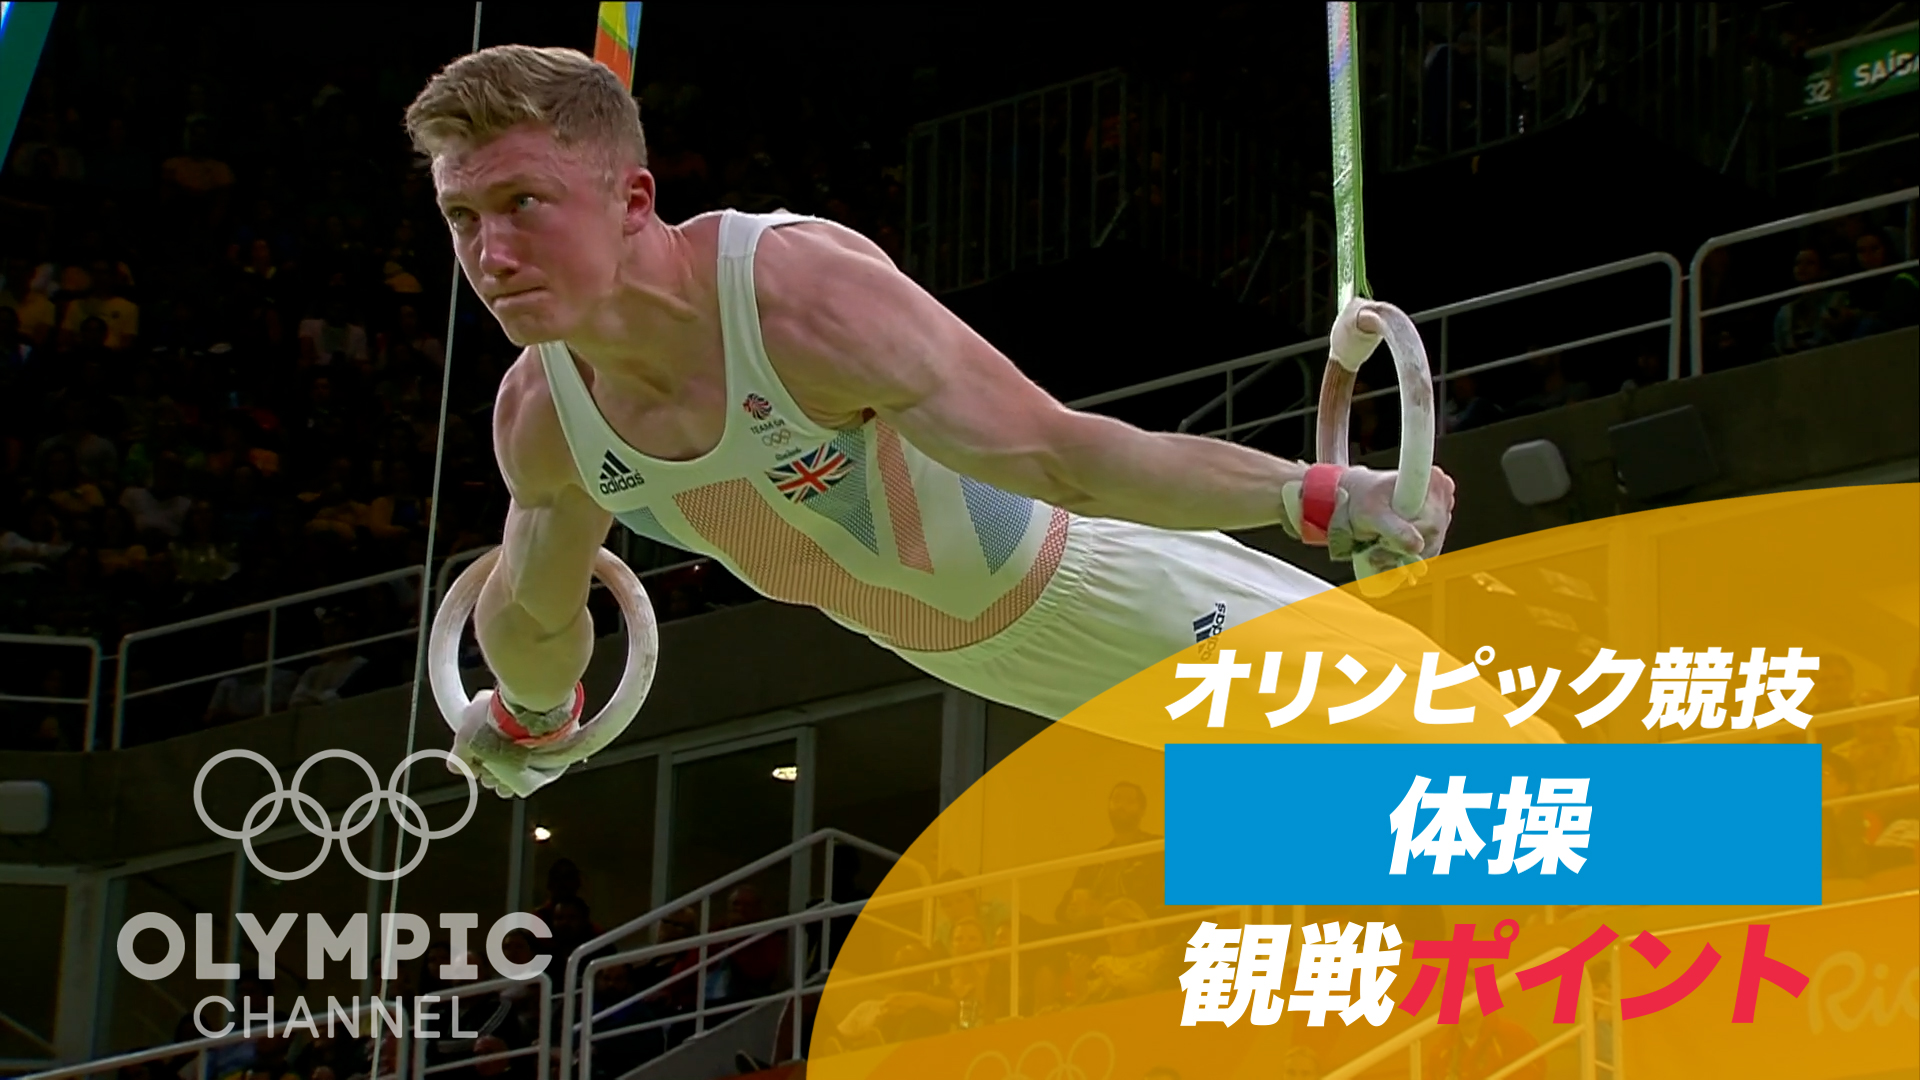 オリンピック競技 観戦ポイント 体操